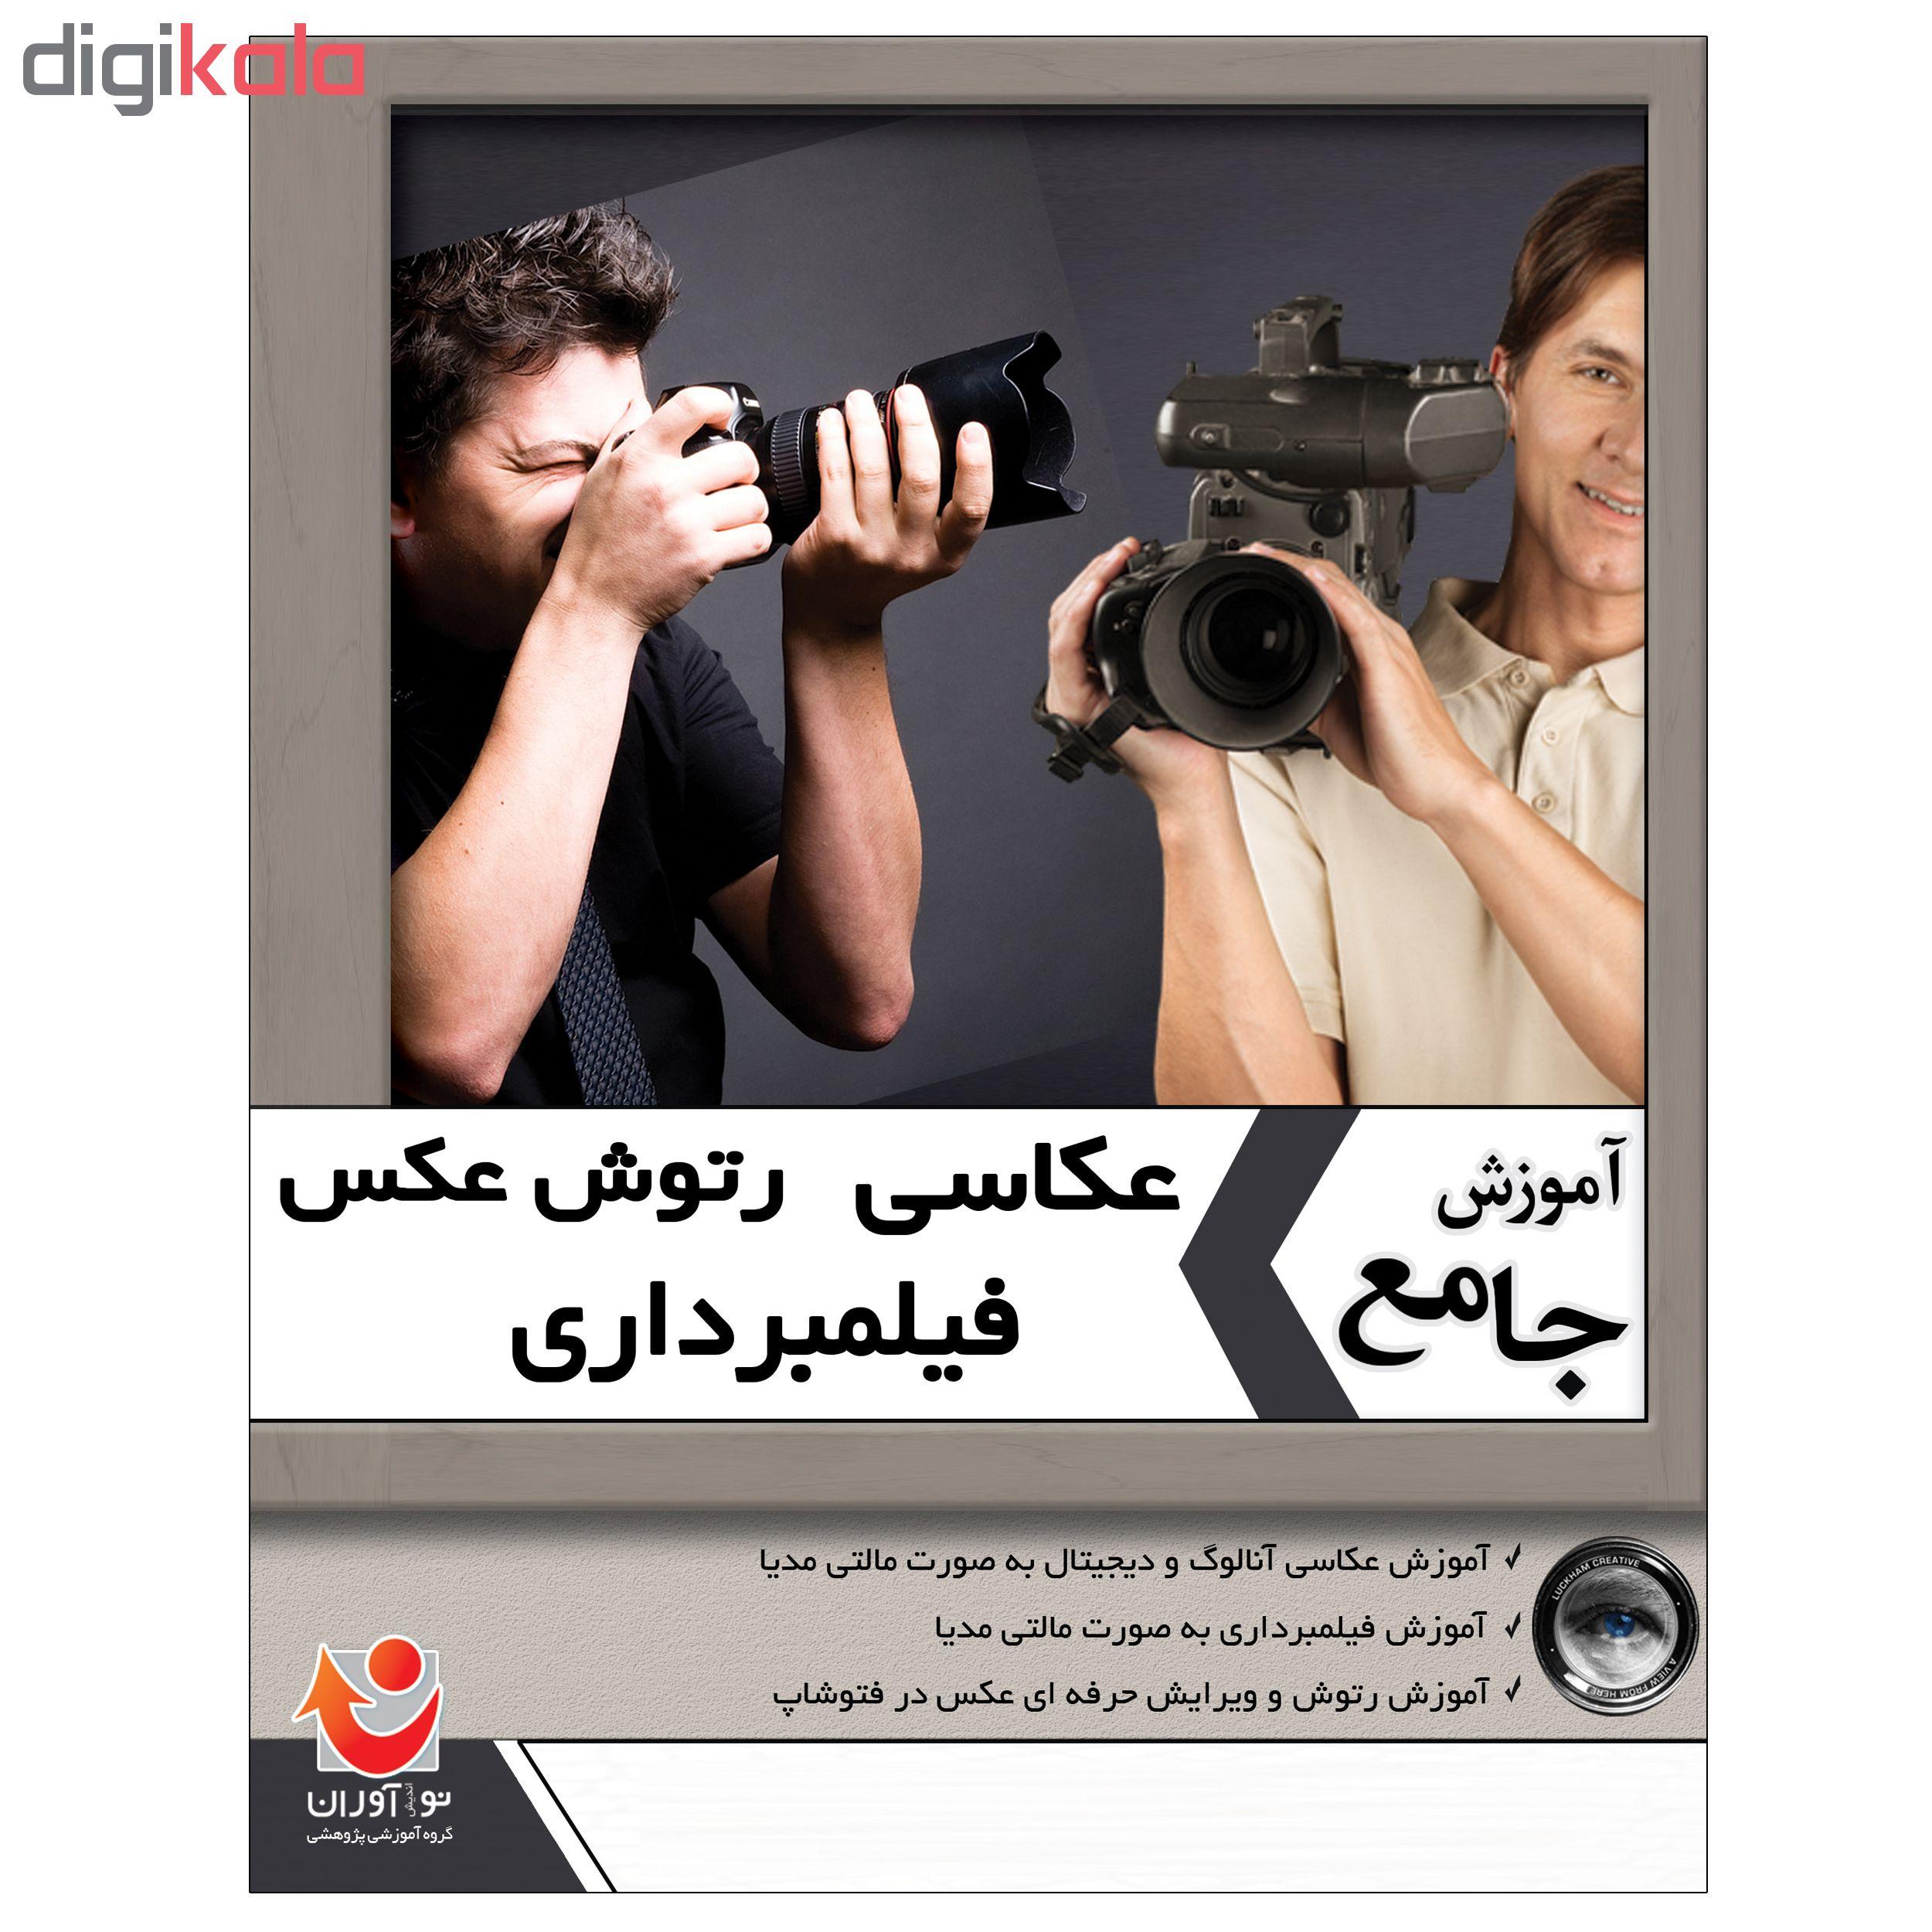 نرم افزار آموزش عکاسی و فیلمبرداری نشر نوآوران